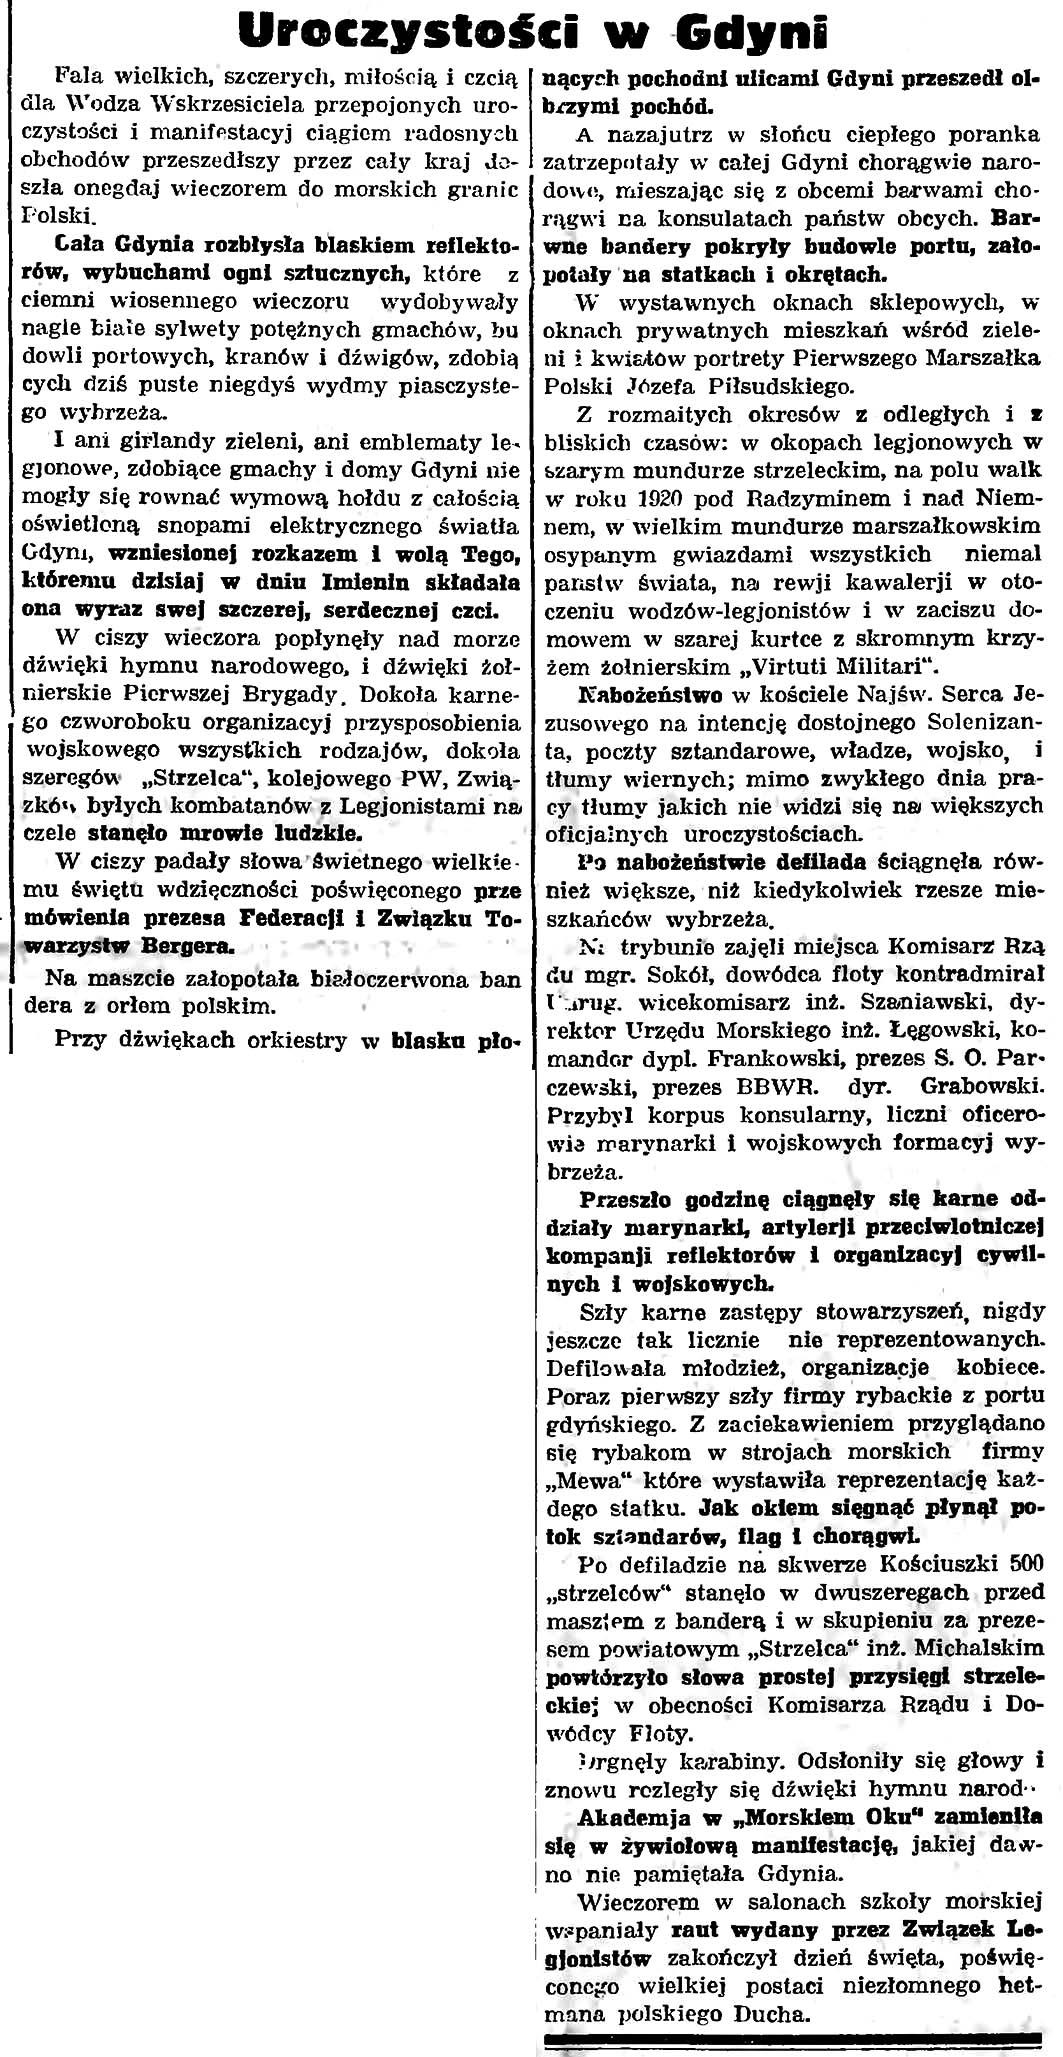 Uroczystości w Gdyni // Gazeta Gdańska. - 1935, nr 67, s. 3